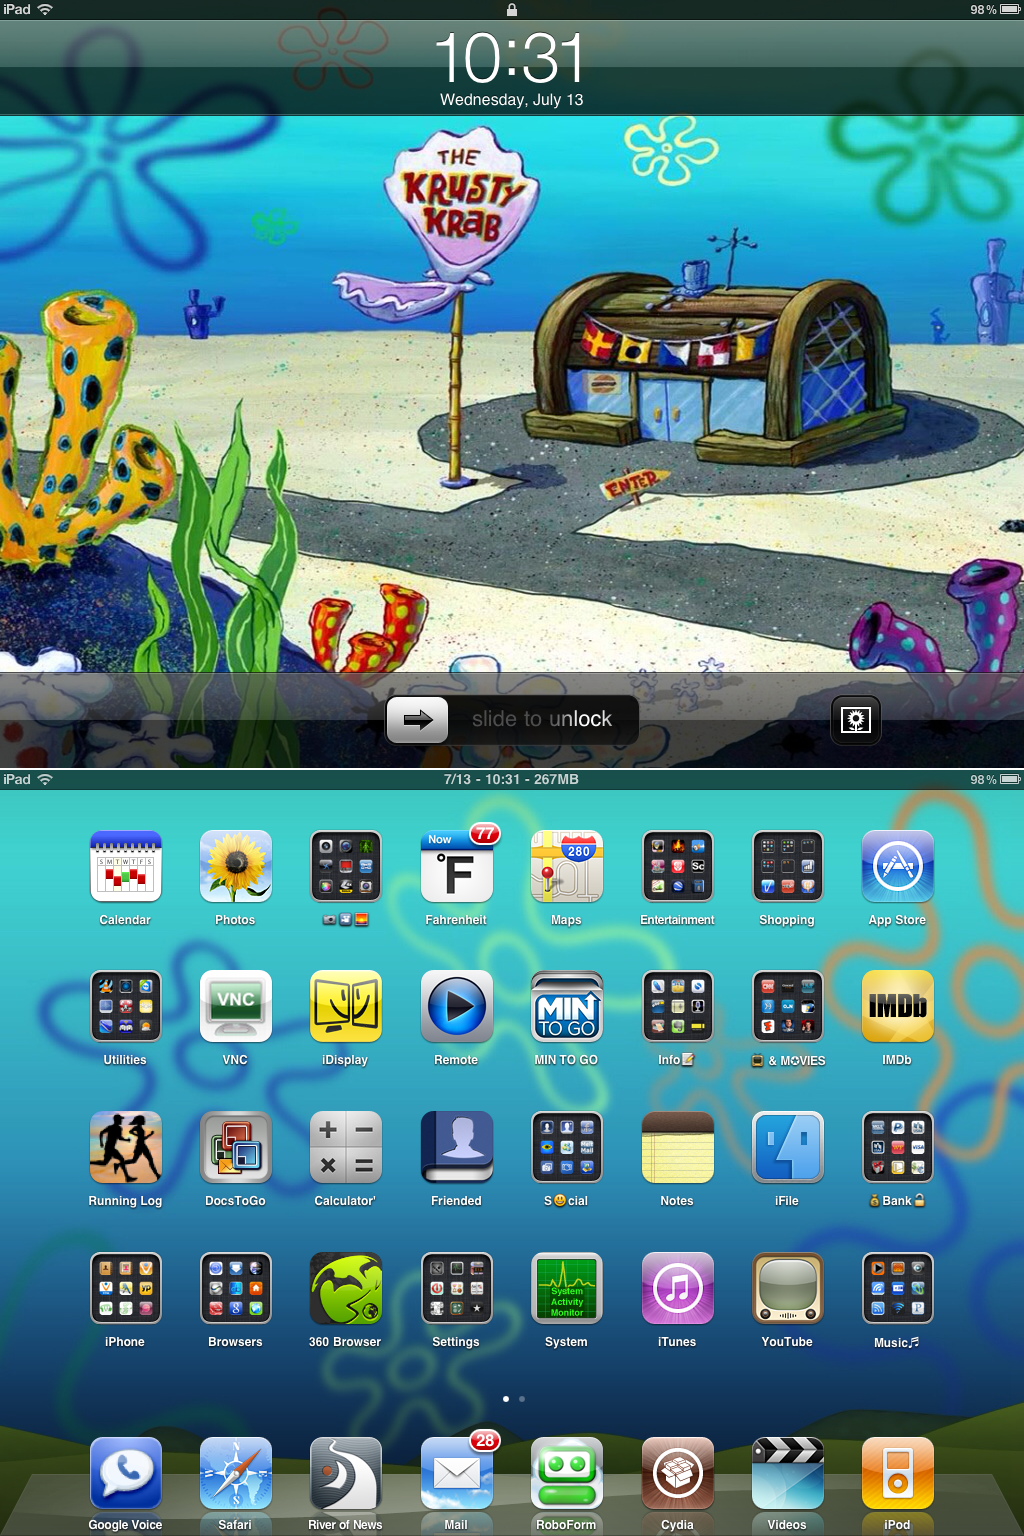 Jailbreak iPad air, mini - free iPad jailbreak iOS 8